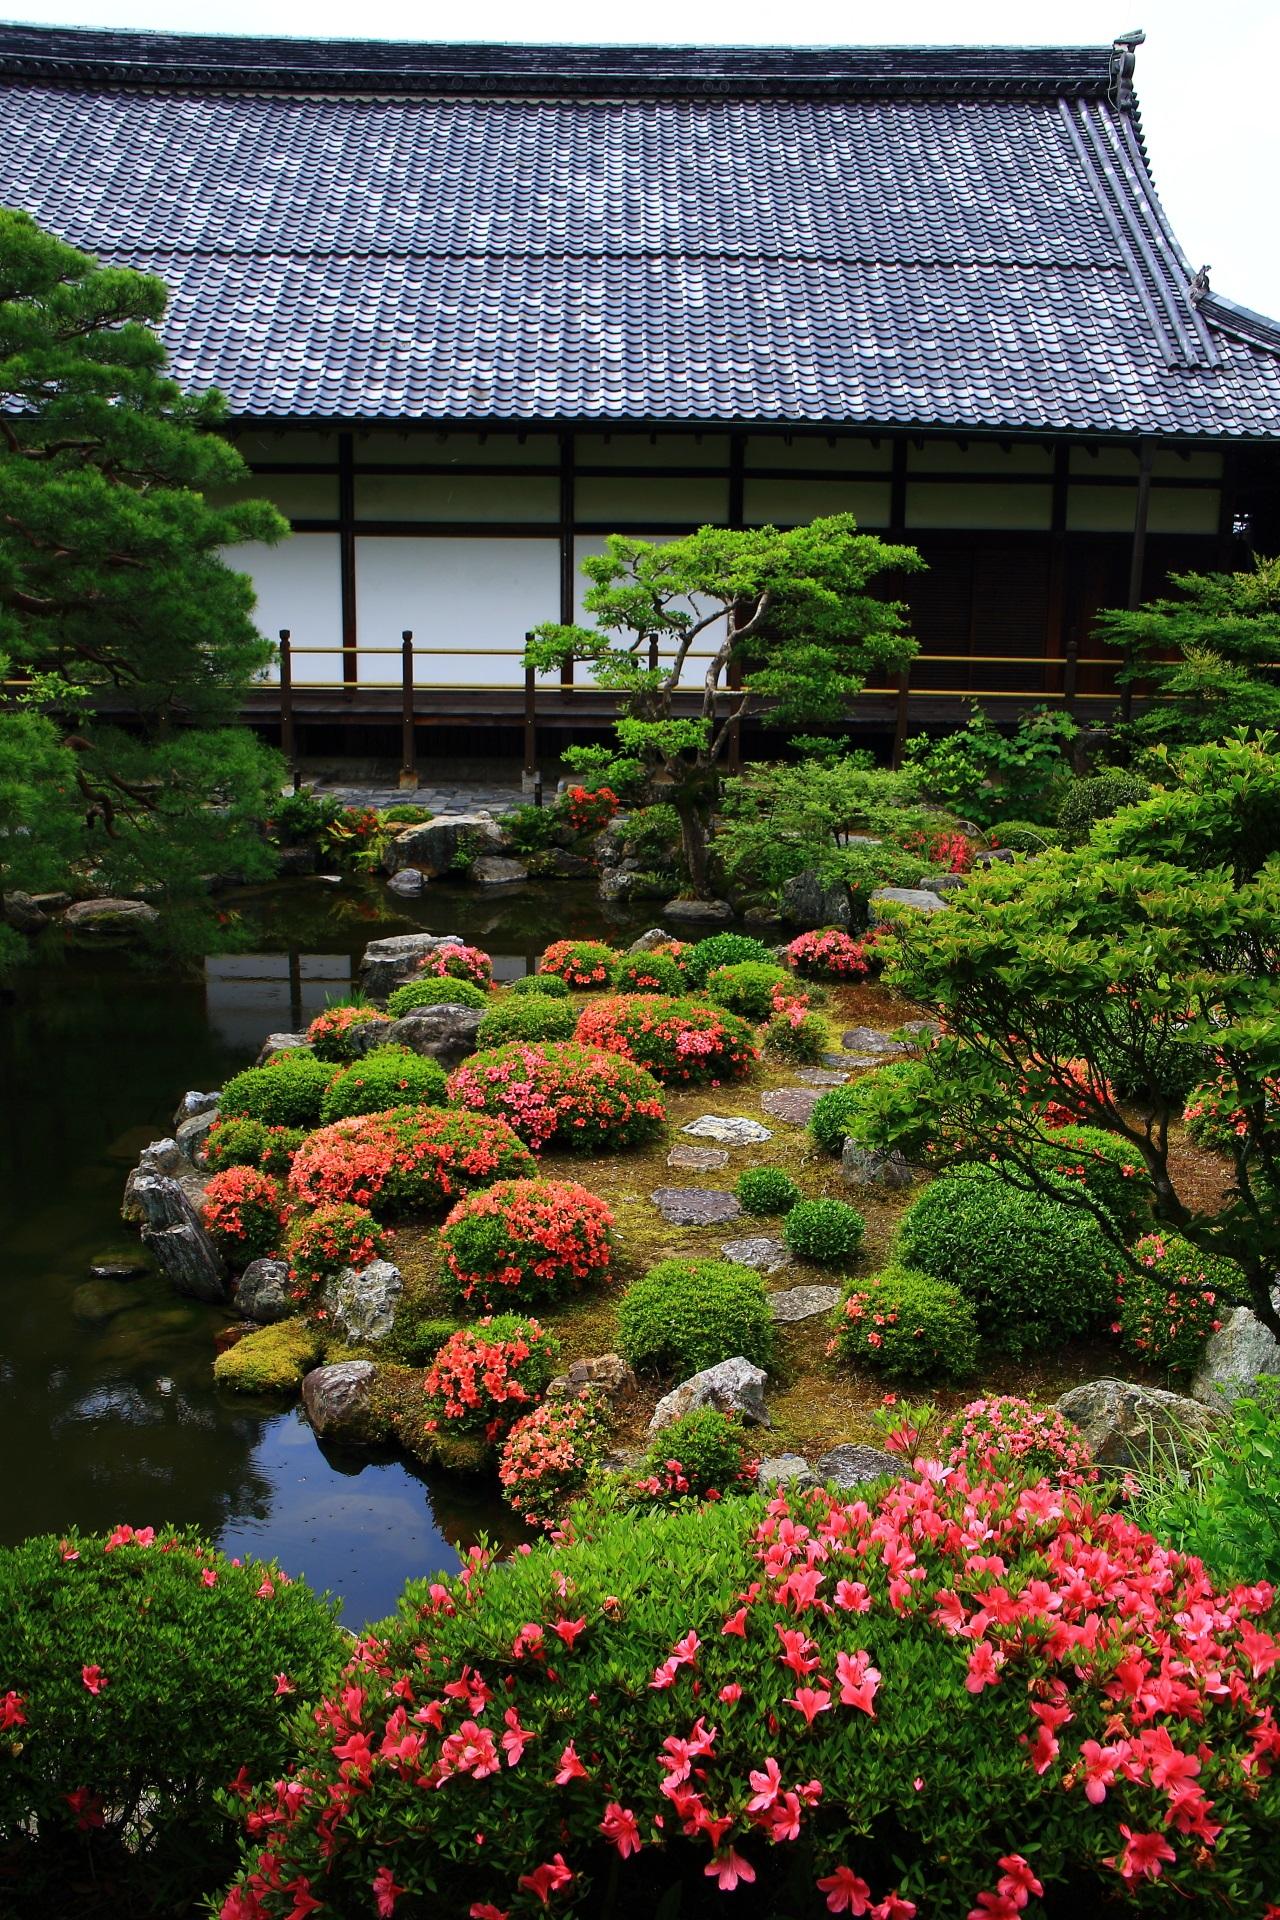 等持院の素晴らしすぎるサツキや庭園と春の情景